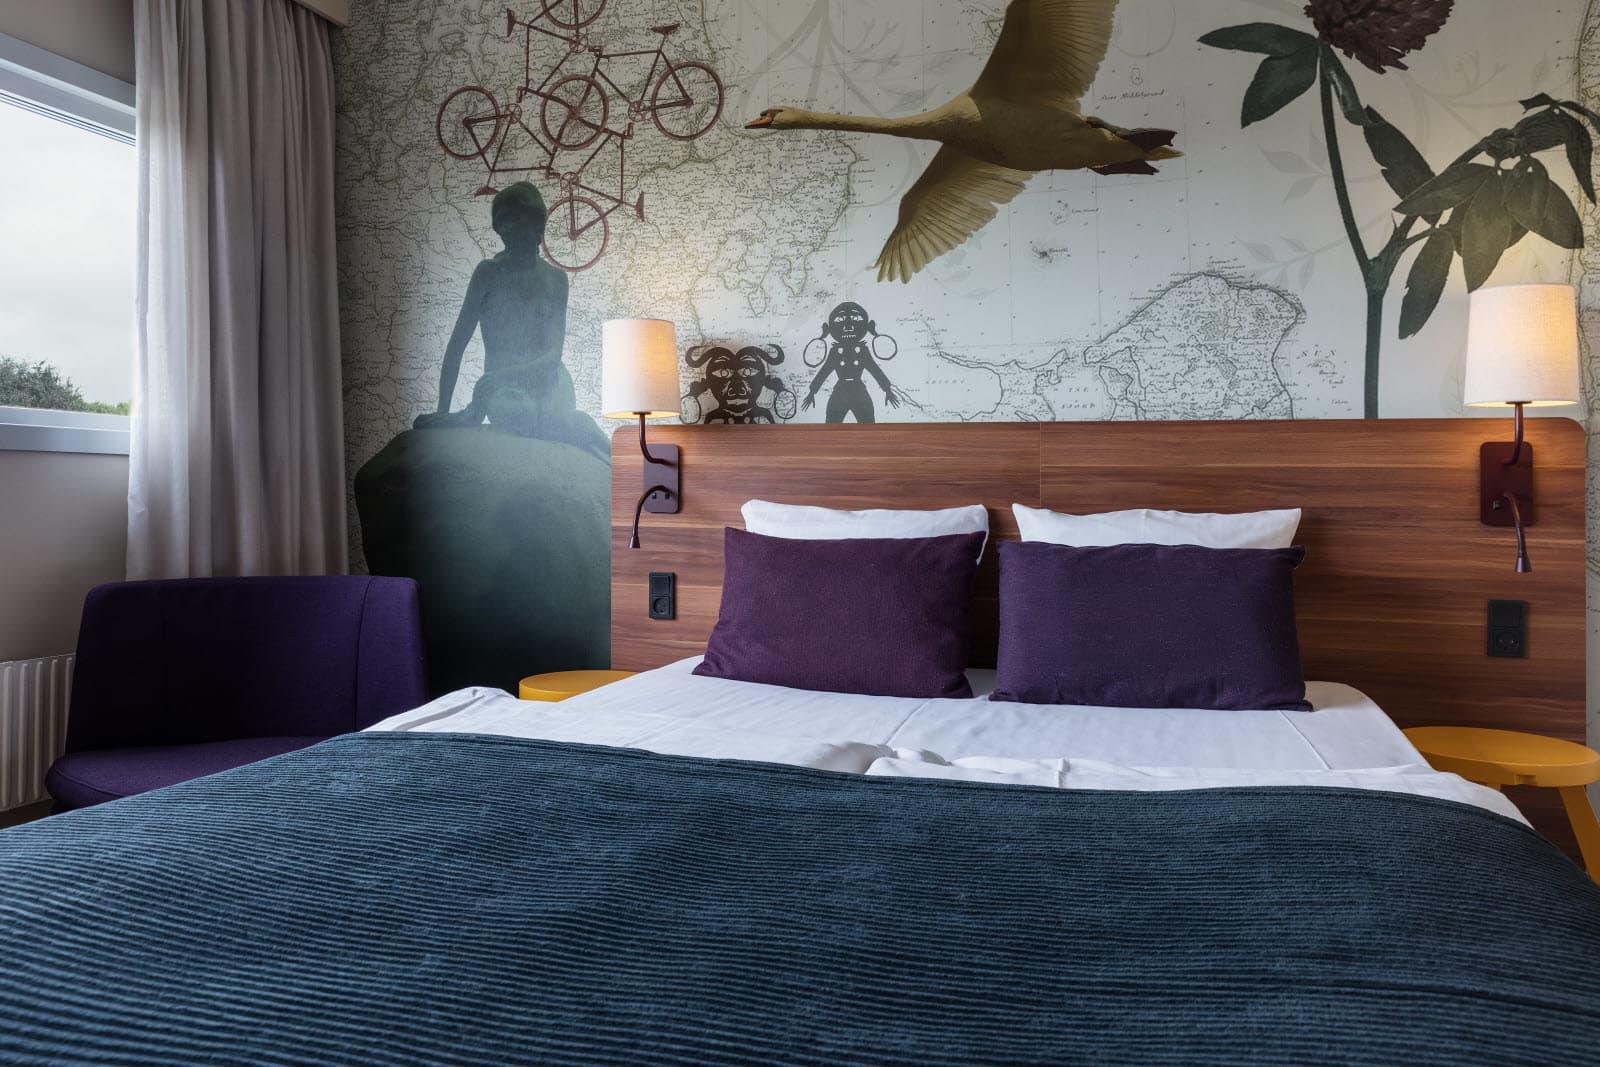 22 af de 26 danske Scandic-hoteller er omfattet af den nye aftale fra Statens og Kommunernes Indkøbsservice; her foto fra Scandic-hotellet i Hvidovre. Foto: Scandic.